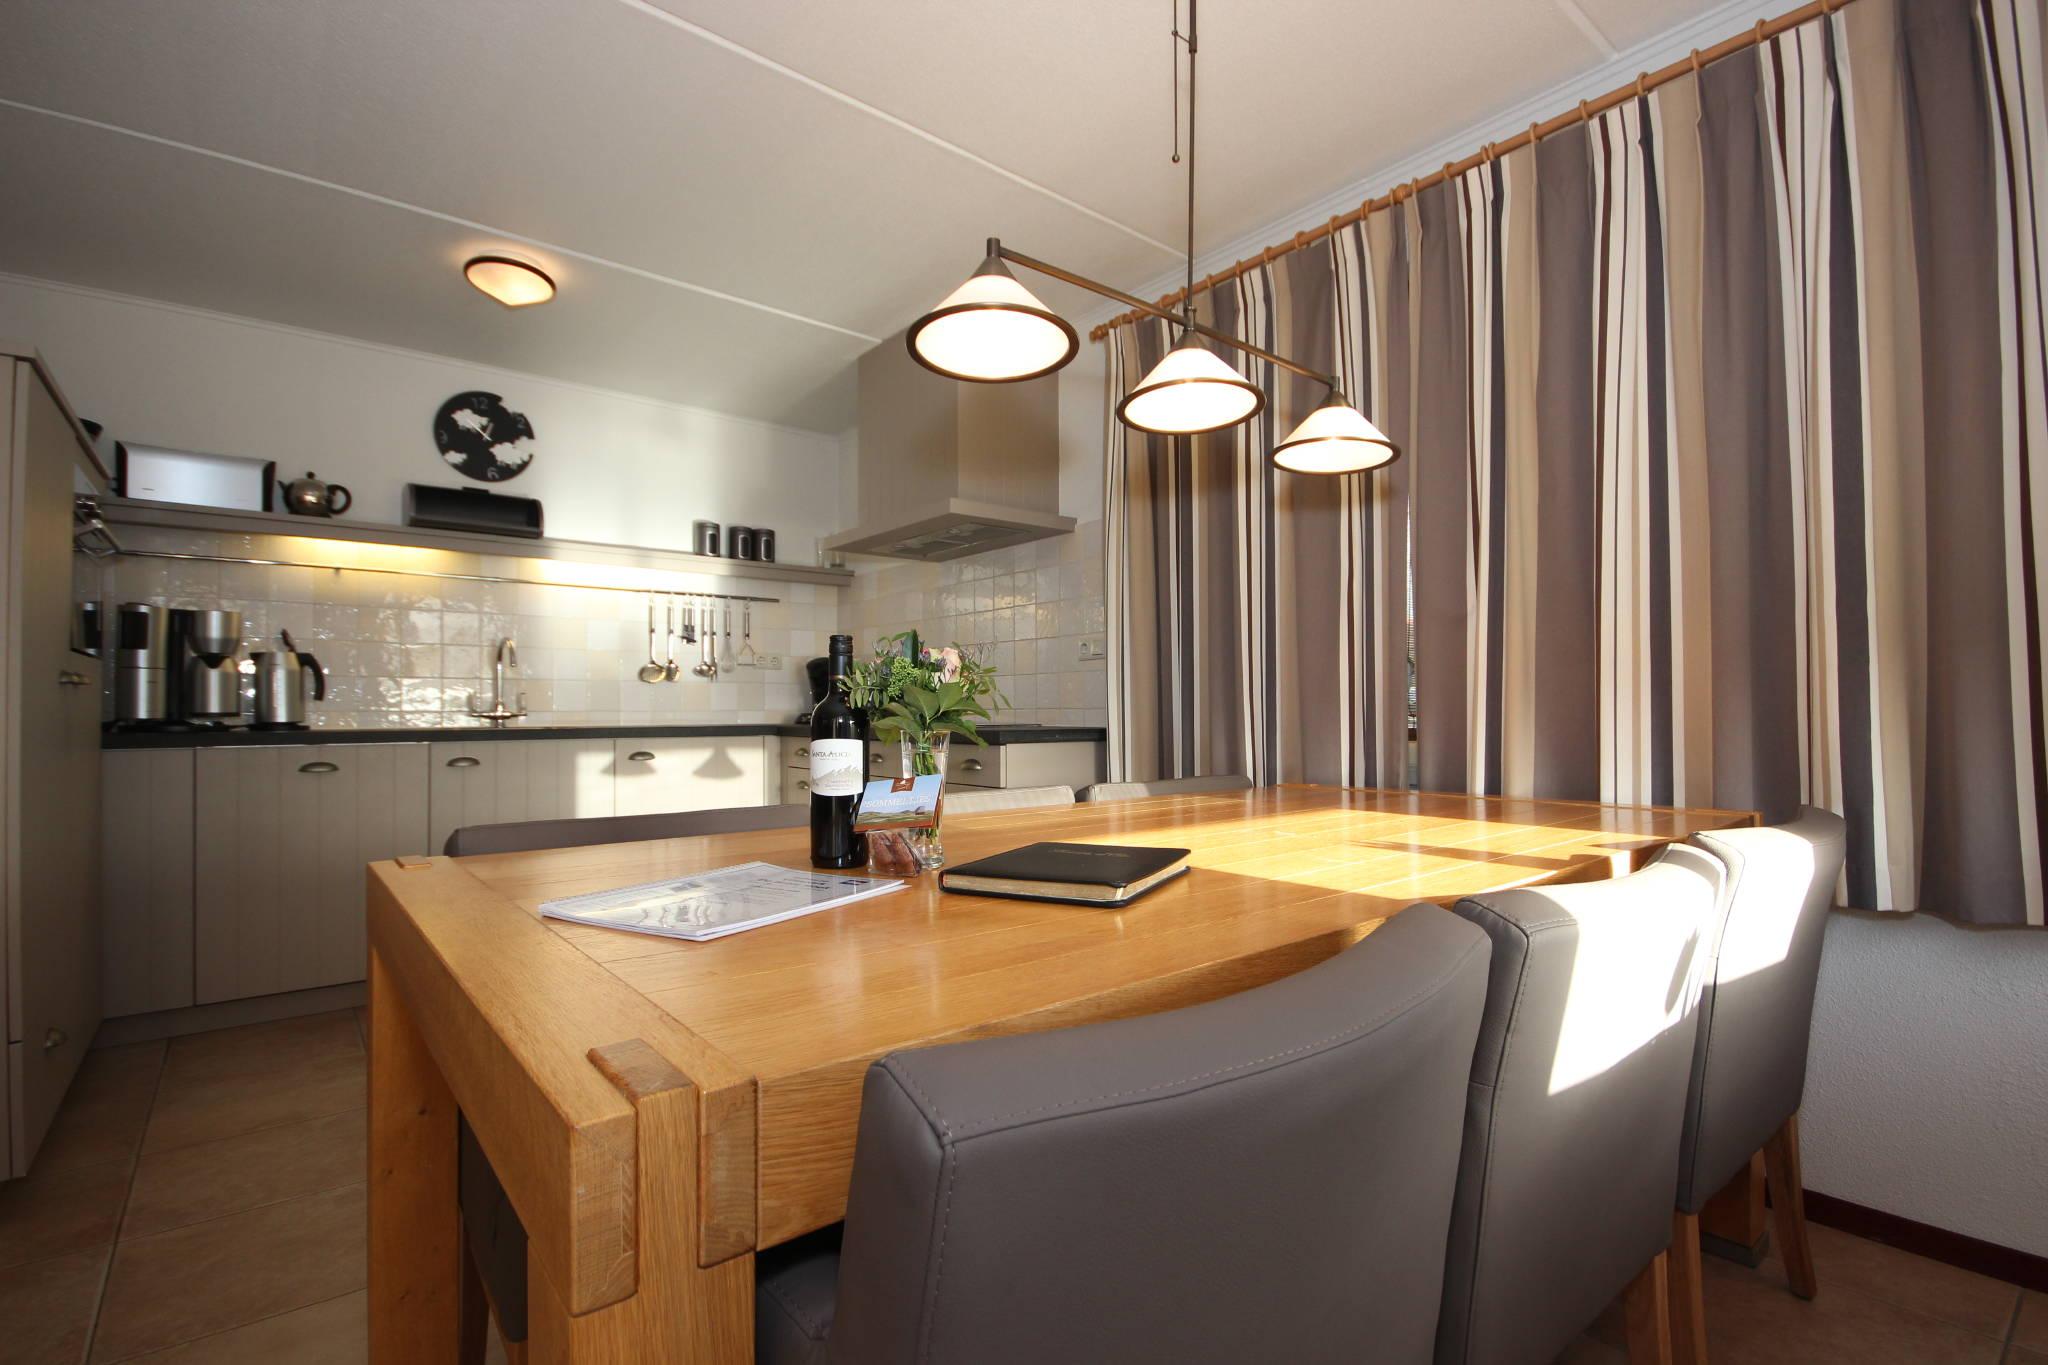 Küche Villa De Witte Hoek